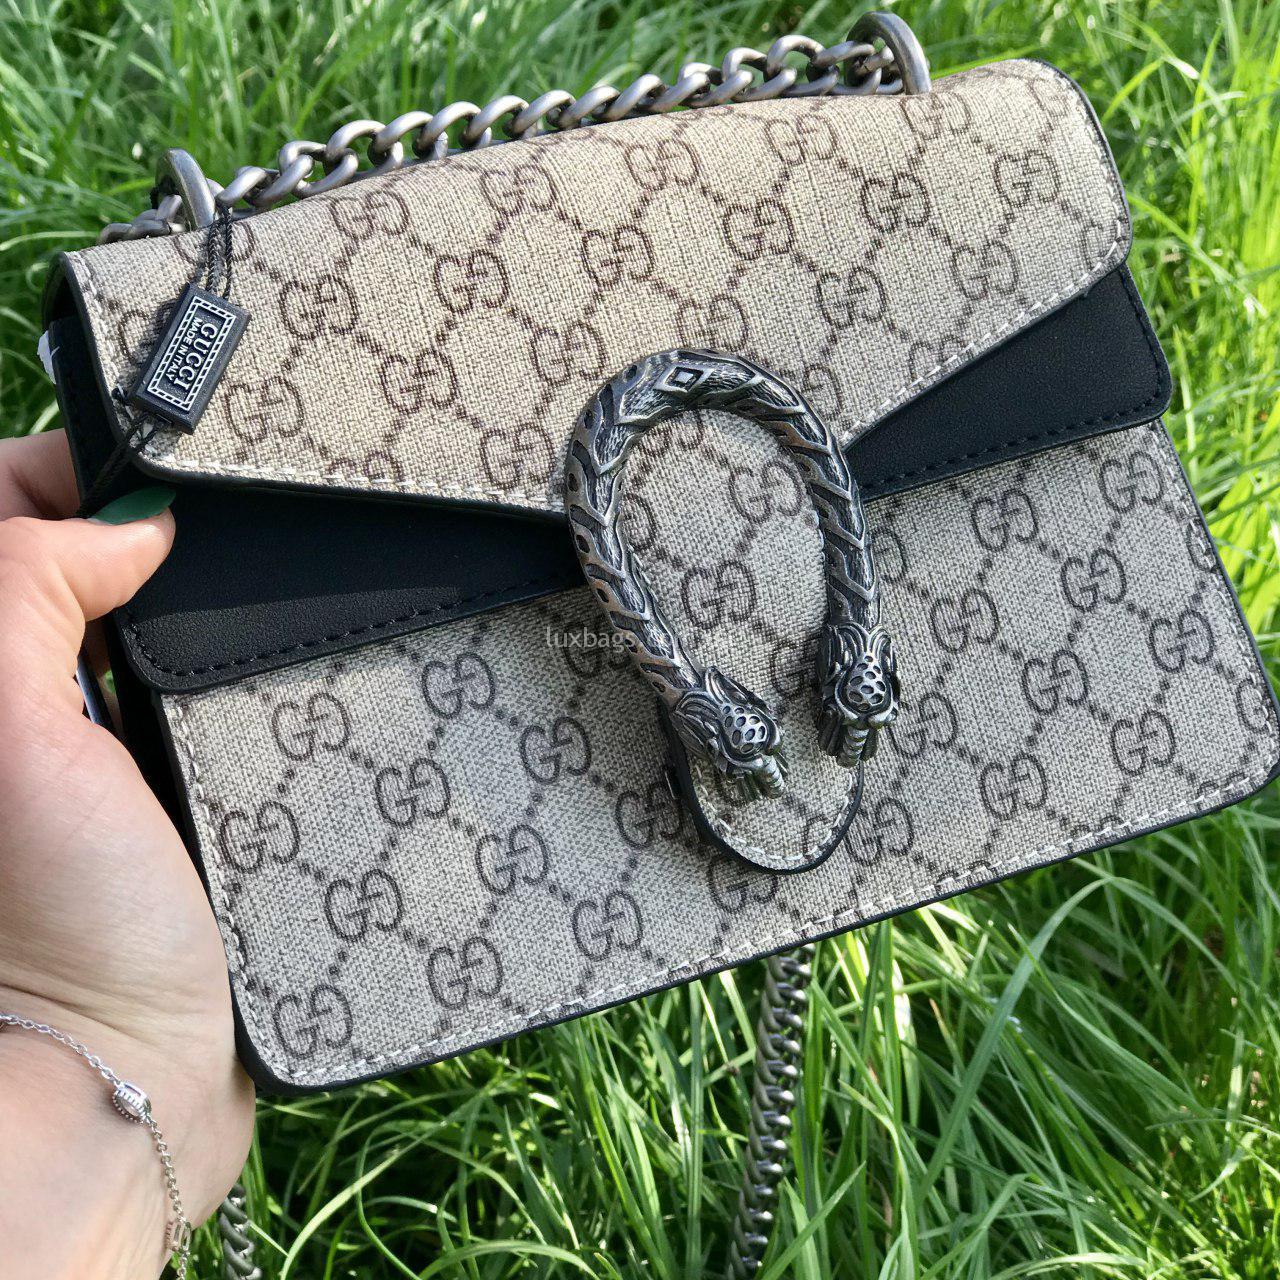 ec1119536e87 Женская сумка клатч Gucci Гуччи Dionysus Купить на lux-bags